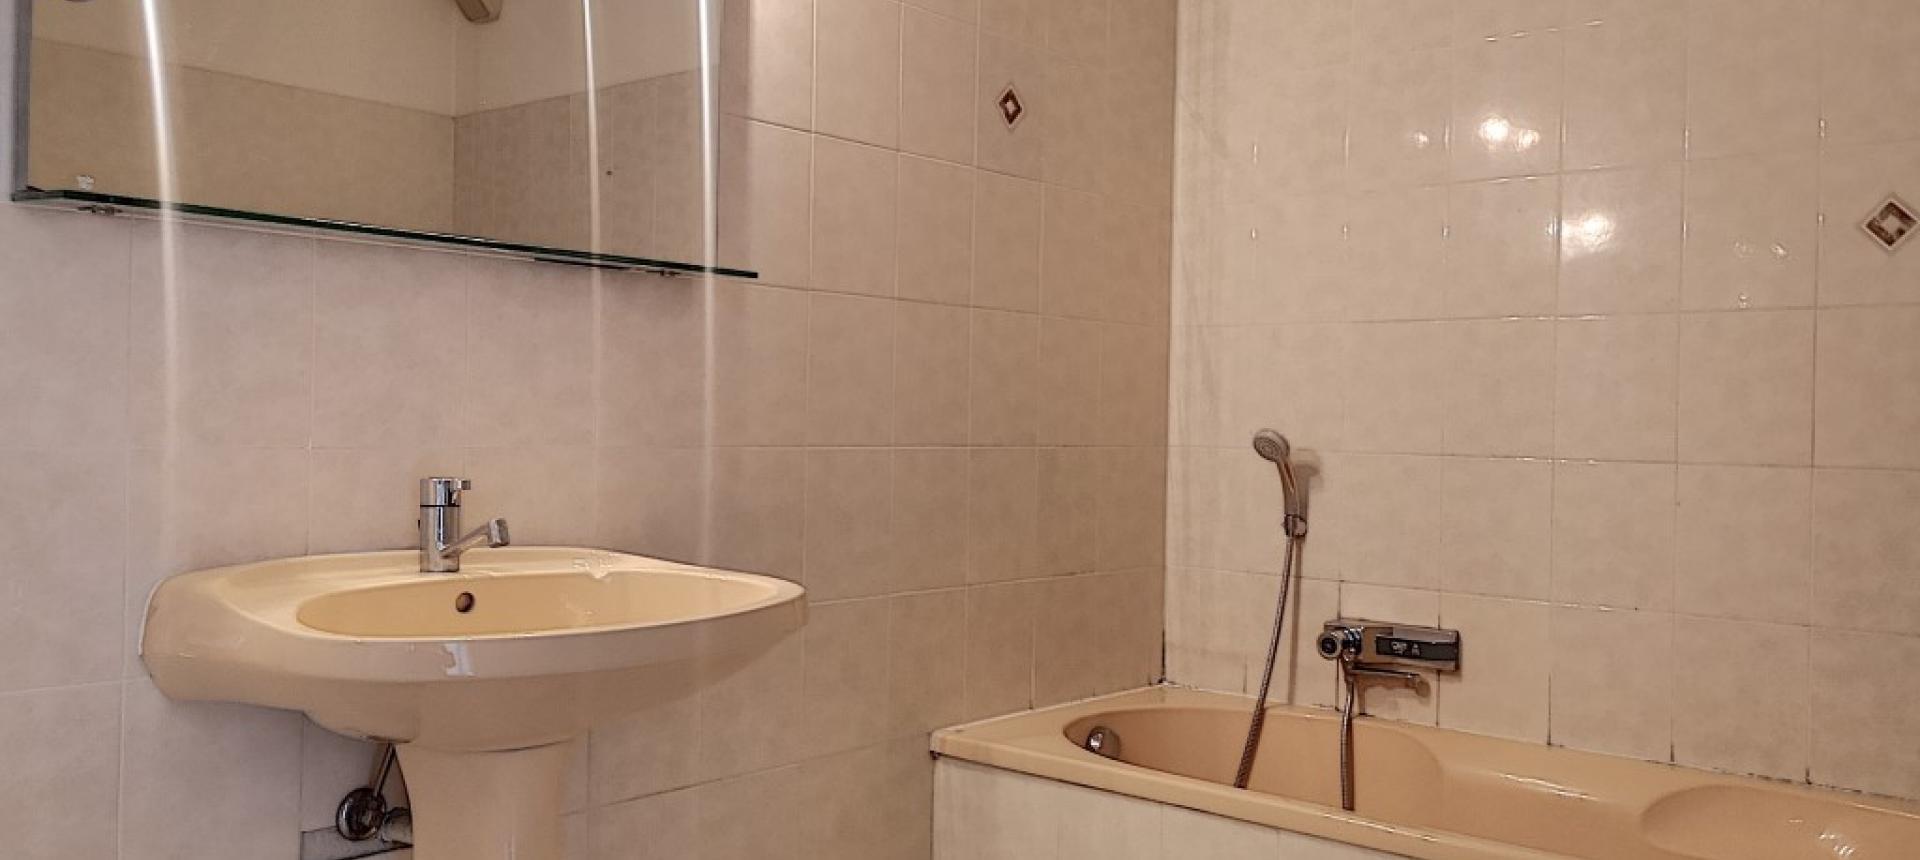 F3 meublé à louer FRED SCAMARONI salle de bains